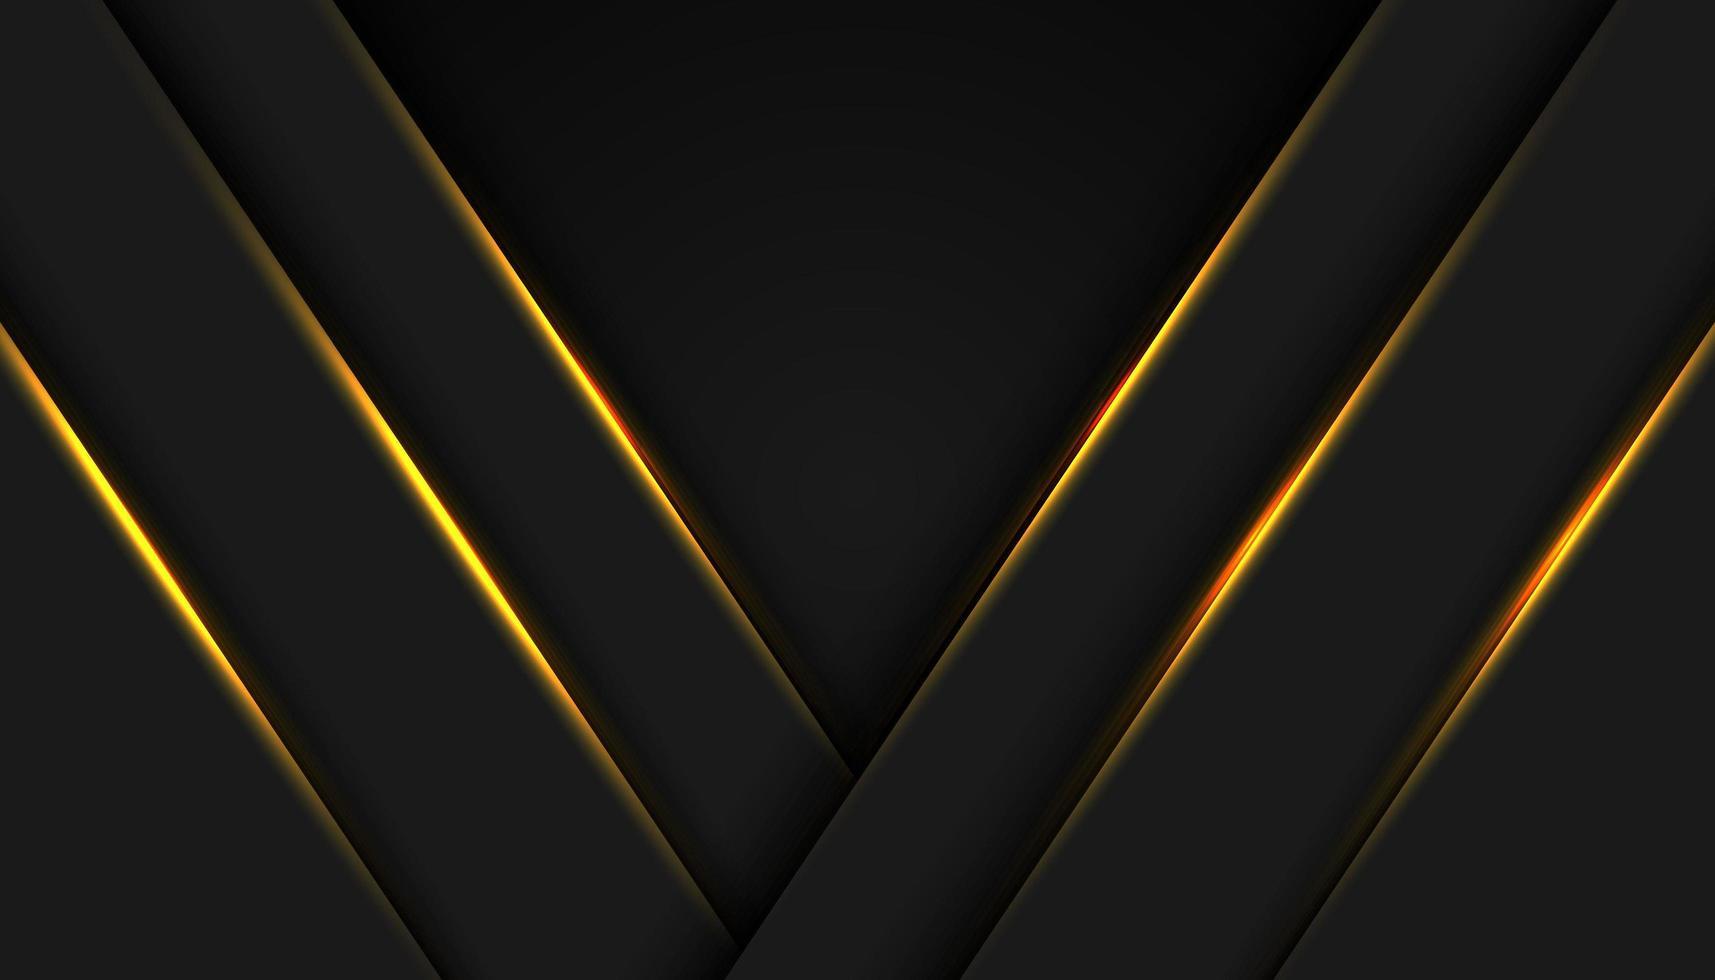 grauer abstrakter Hintergrund mit Schichten vektor